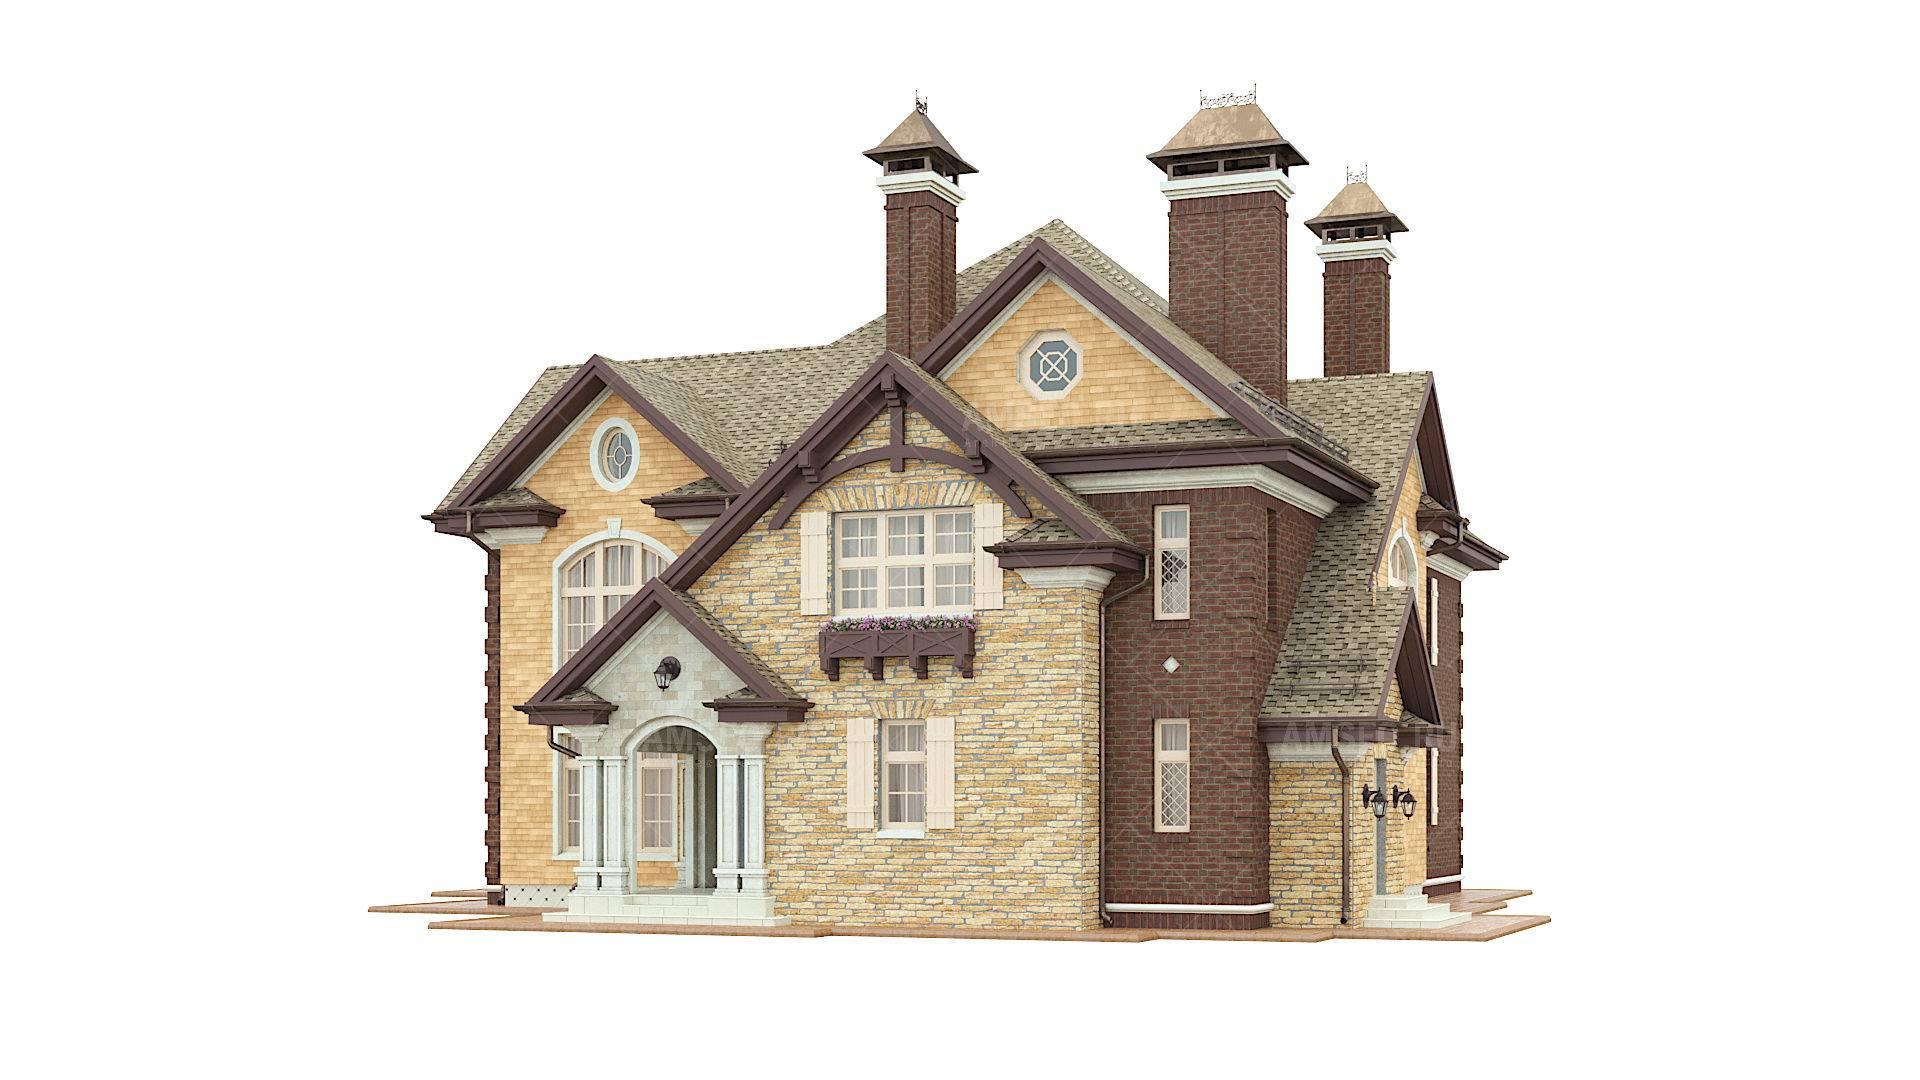 Дома в американском стиле: экстерьер, поэтажная планировка, коттедж под ключ